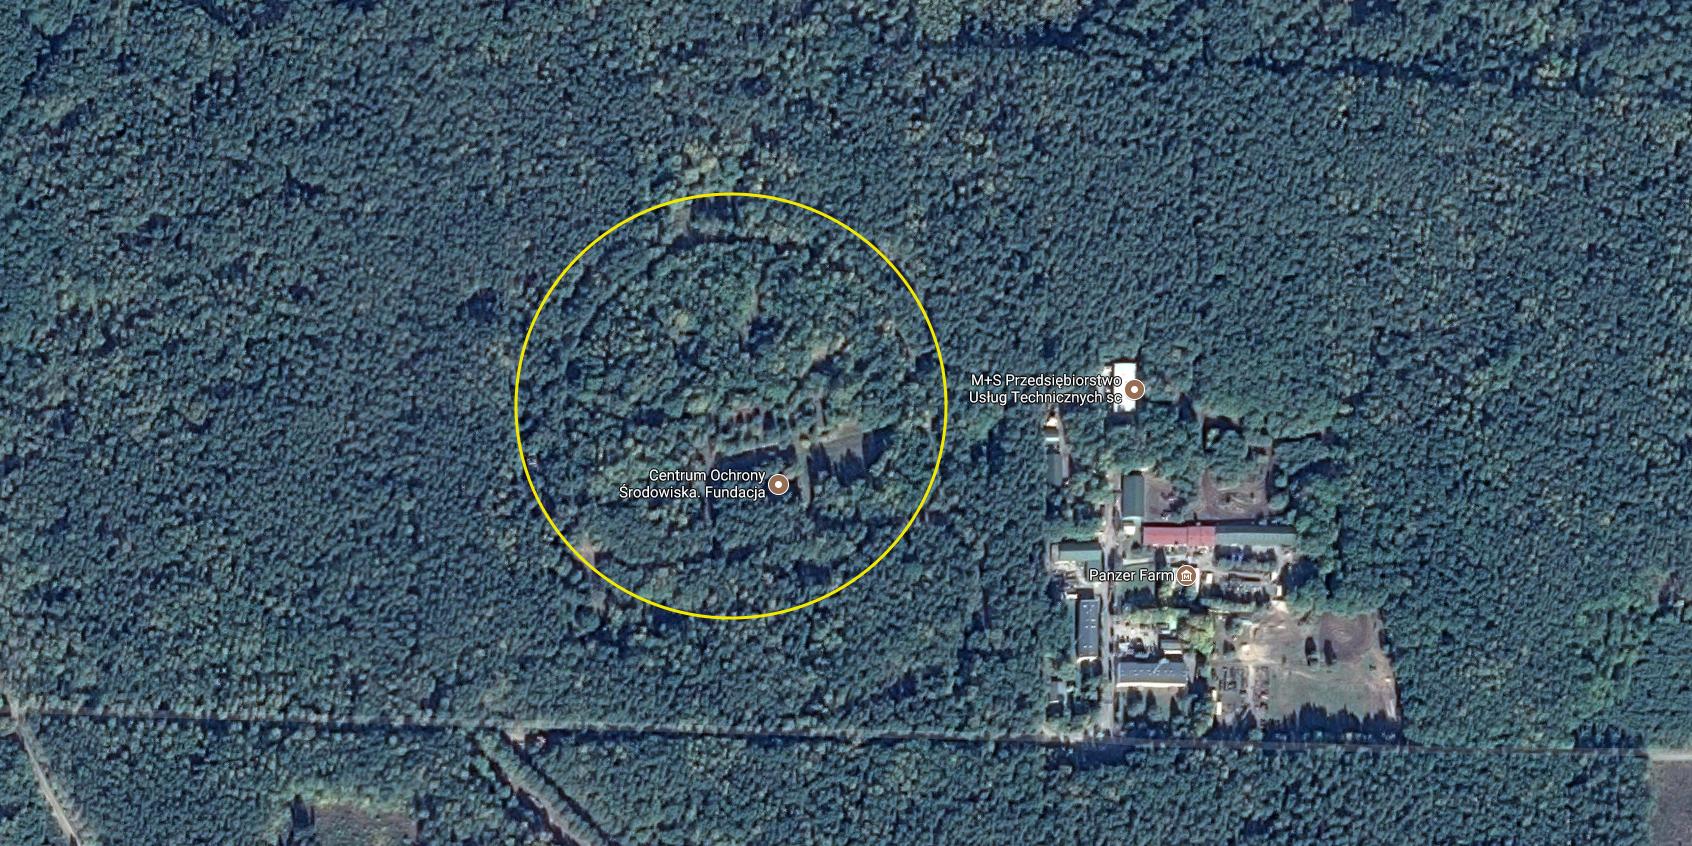 Byłe stanowiska przeciwlotniczych pocisków rakietowych. 2017r. Zdjęcie Google